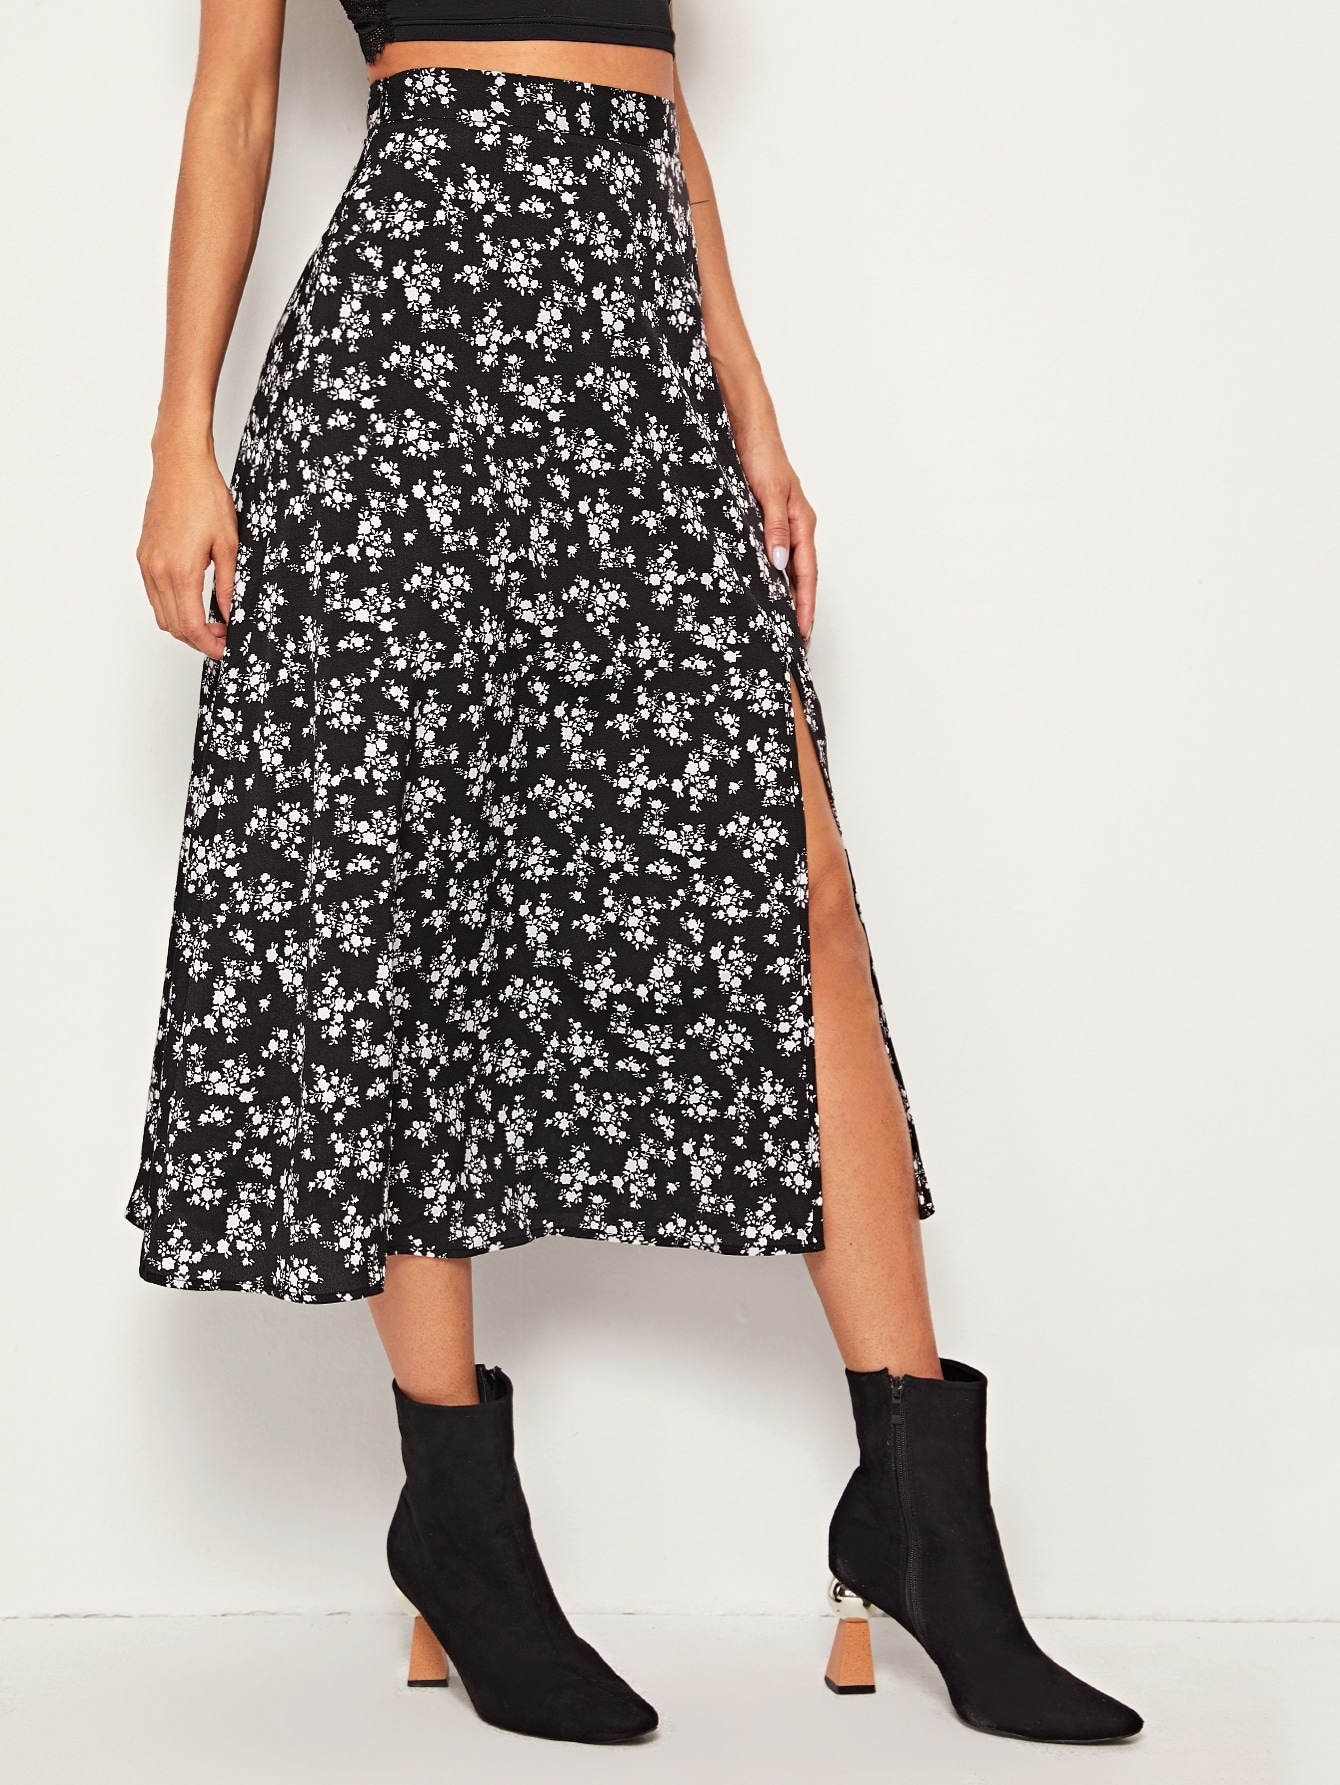 SHEIN / Falda con abertura alta de cintura con banda ancha con estampado floral de margarita